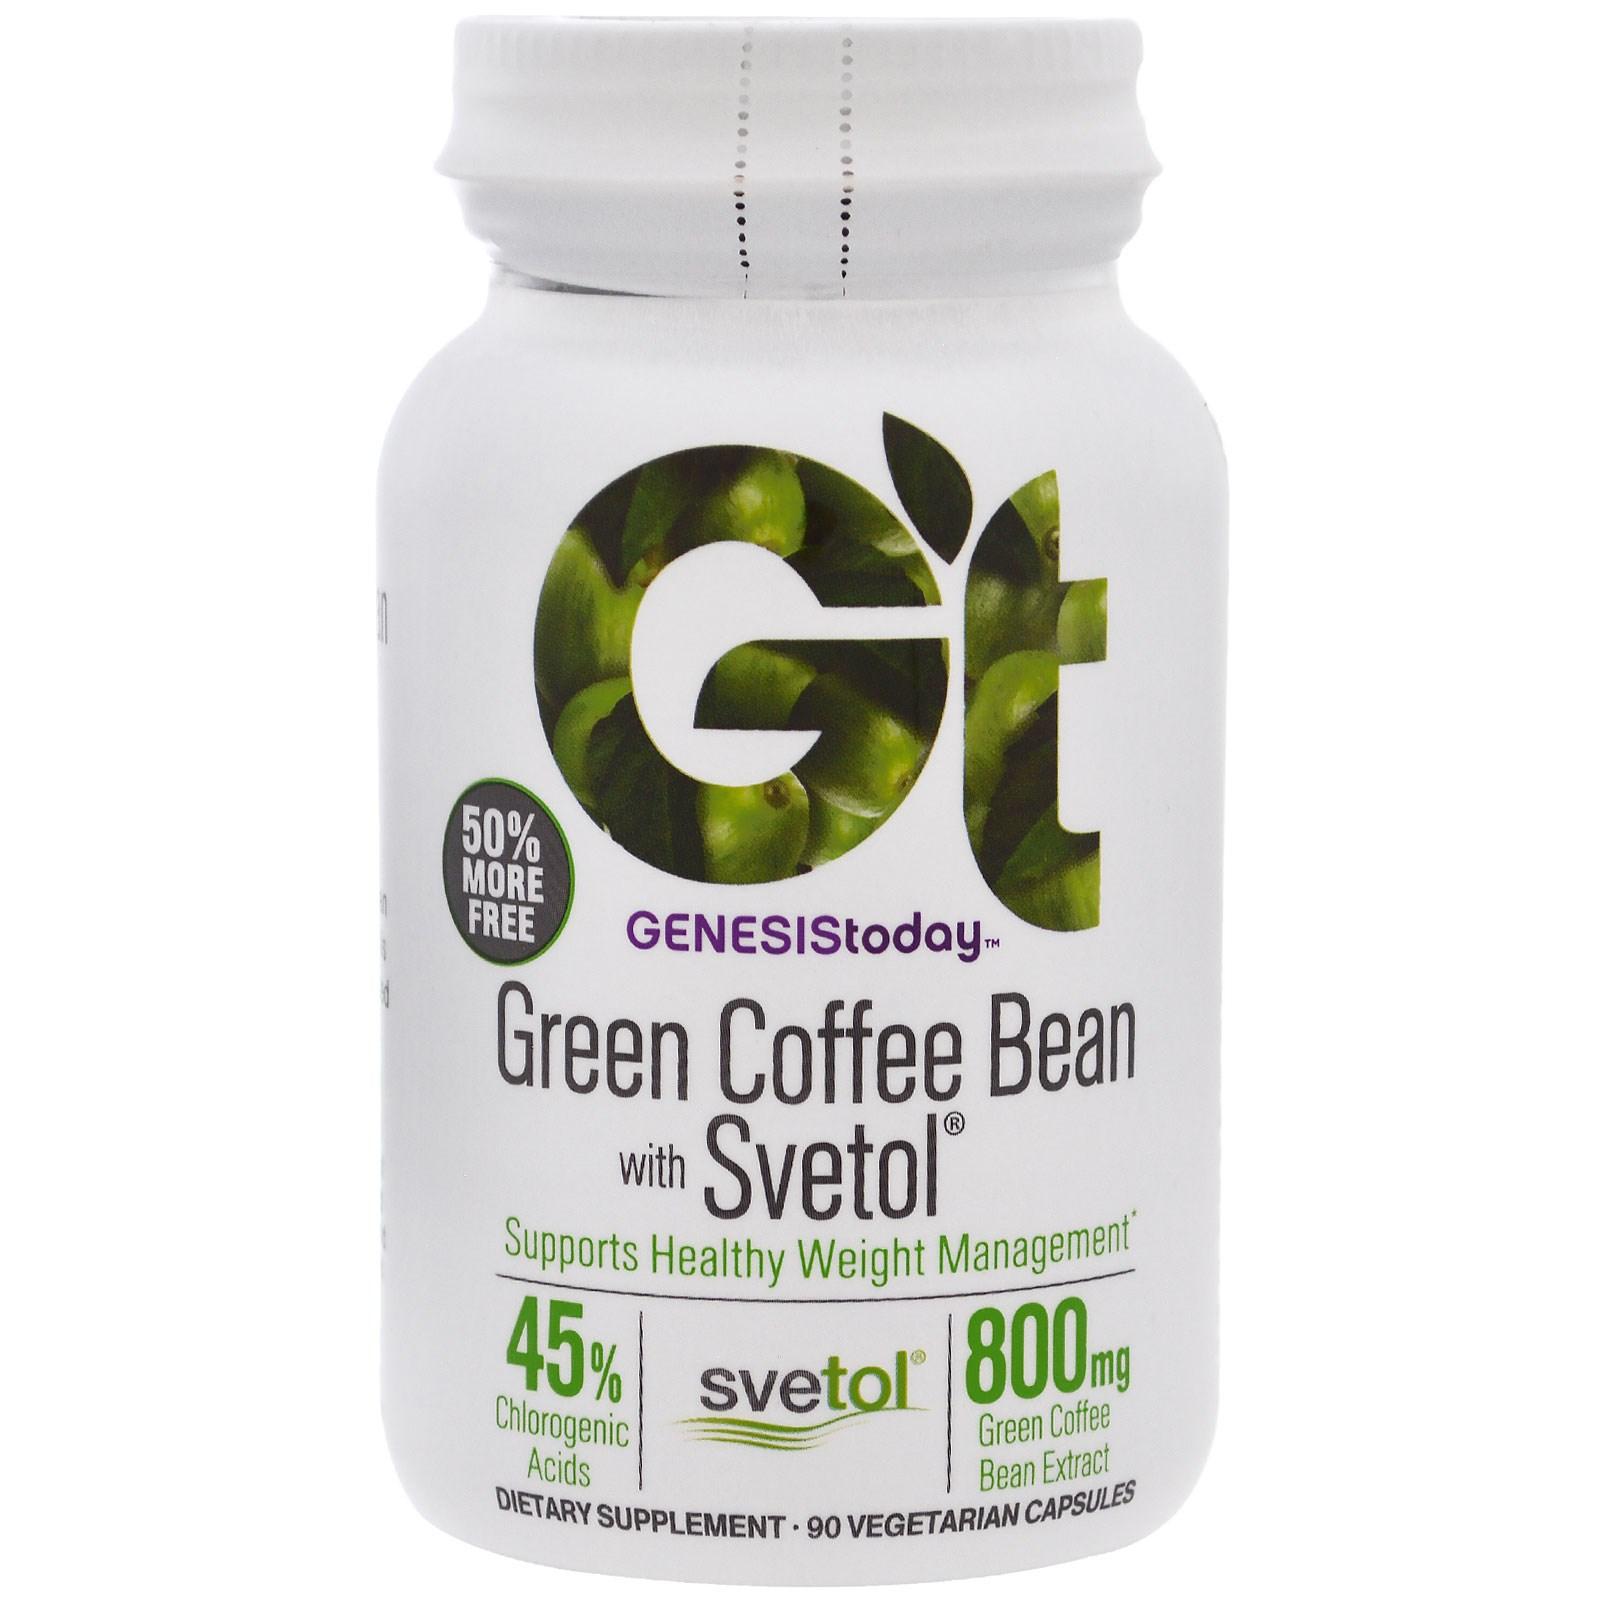 Genesis Today, Зеленые кофейные бобы, Светол, Чистая продукция, 90 капсул